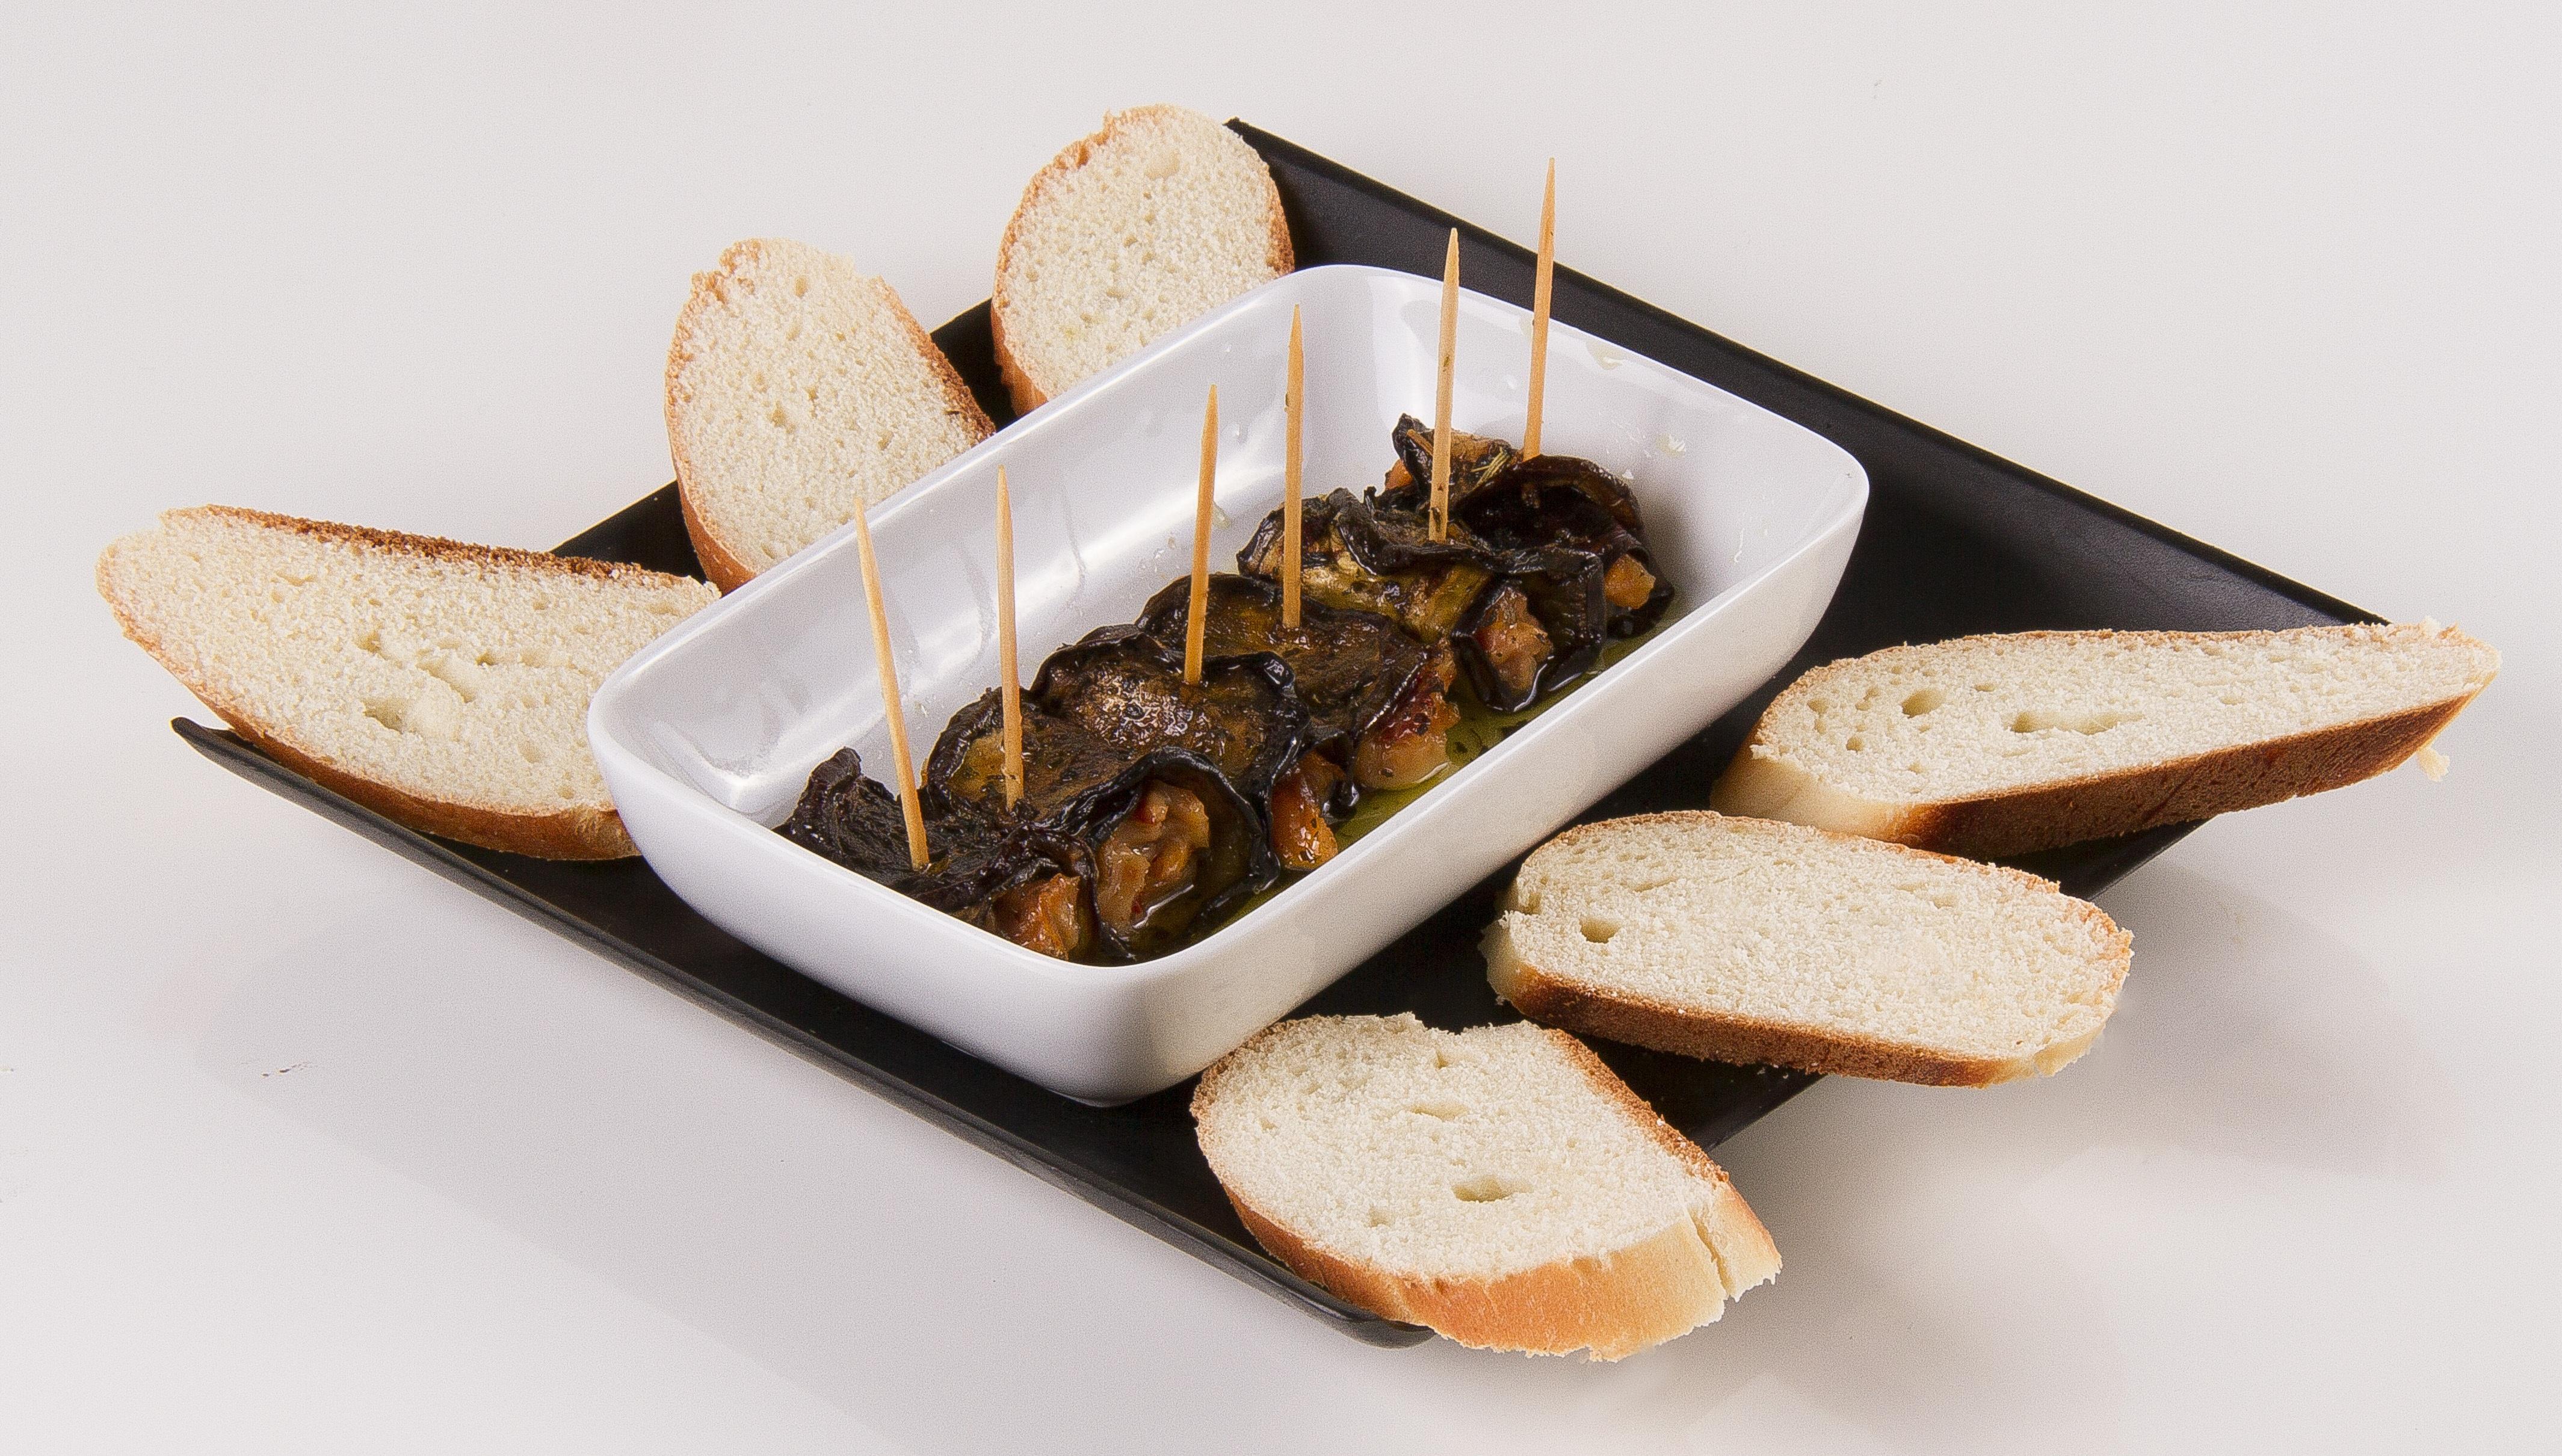 Banco De Imagens Restaurante Prato Refei O Comida Cozinhando